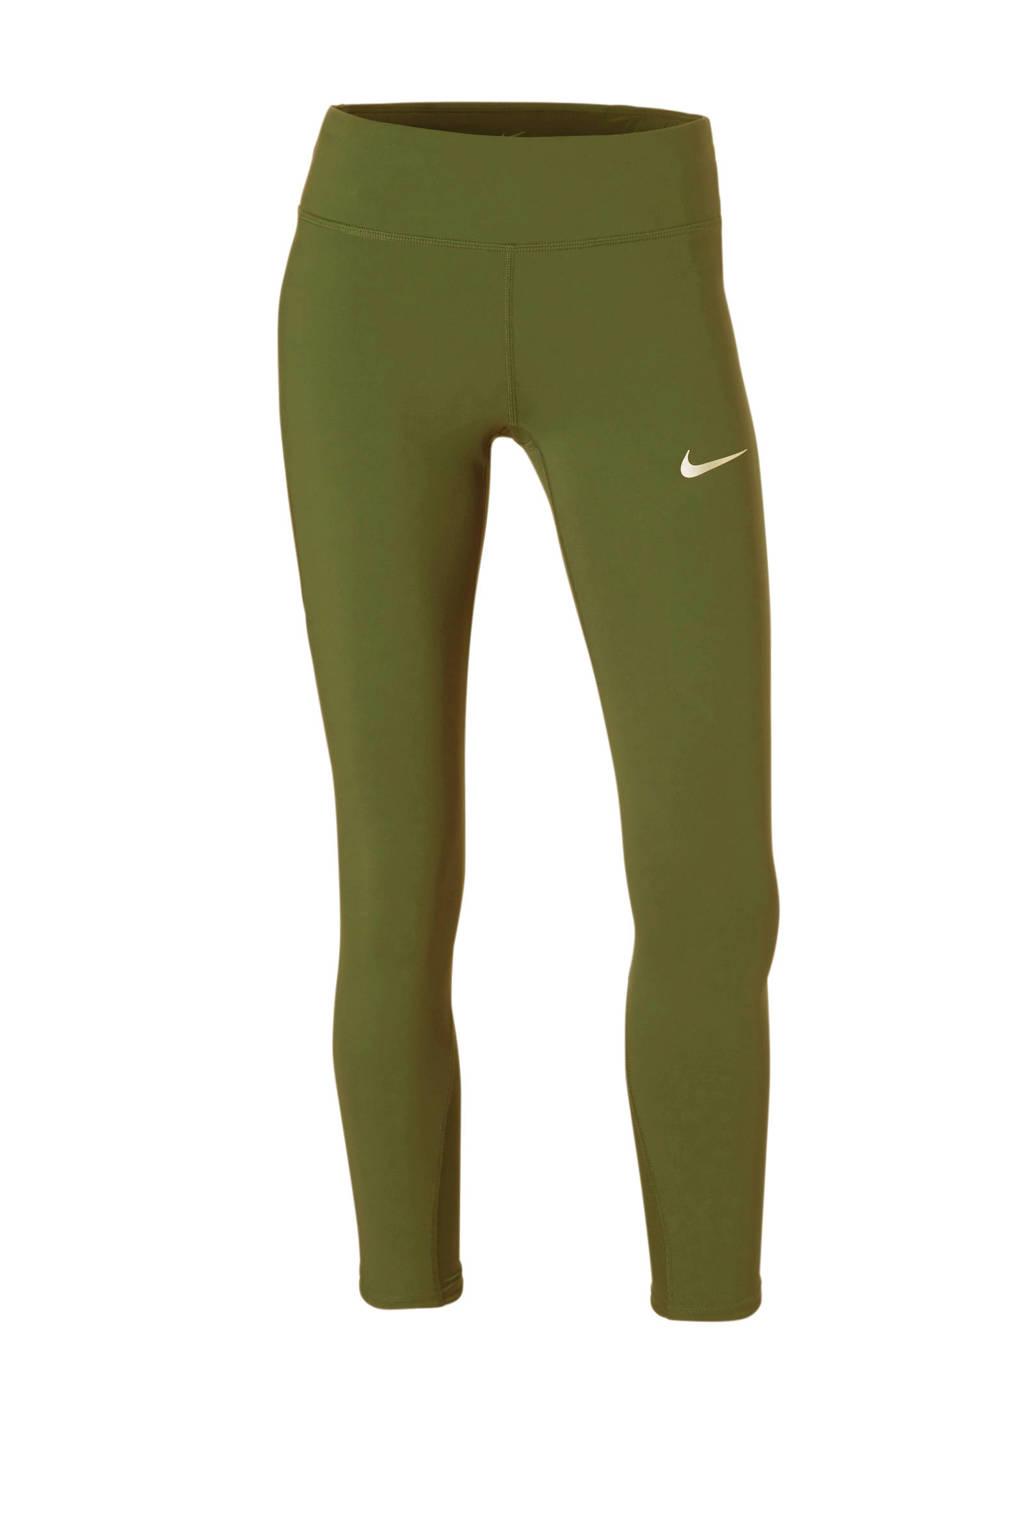 Nike 7/8 hardloopbroek donkerblauw, Olijfgroen